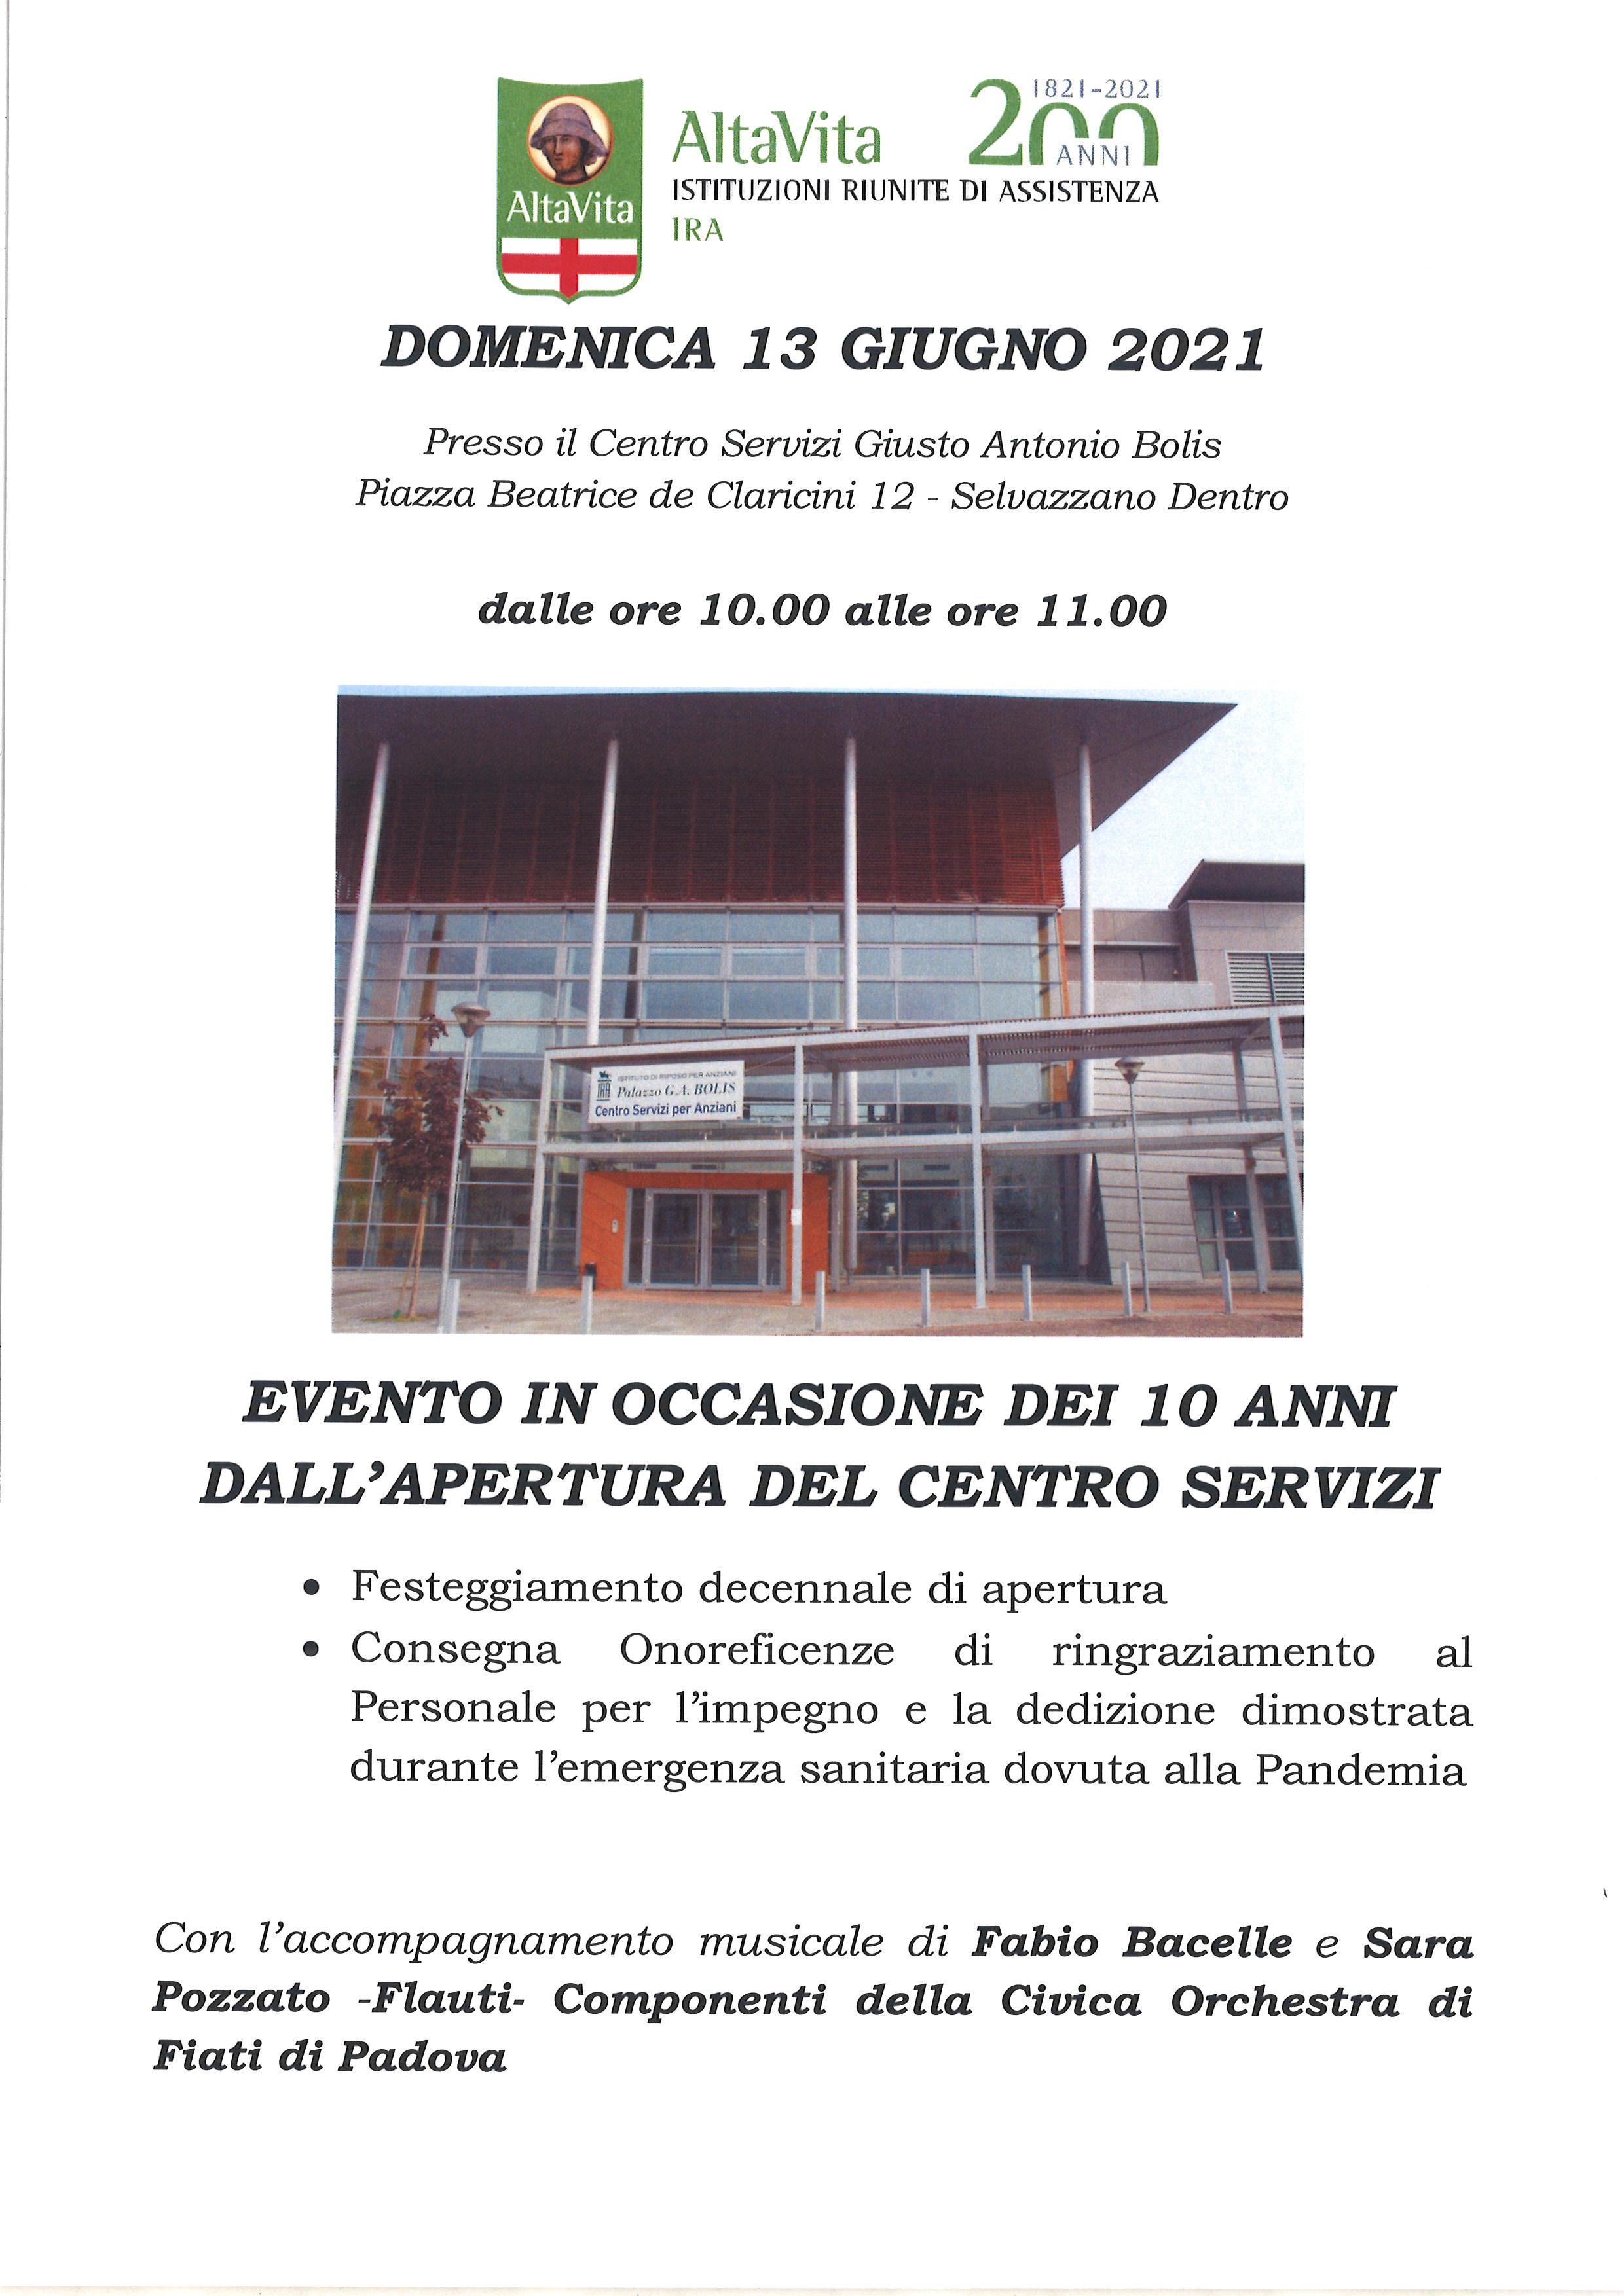 2011 – 2021: DIECI anni dall'apertura del Centro Servizi Bolis